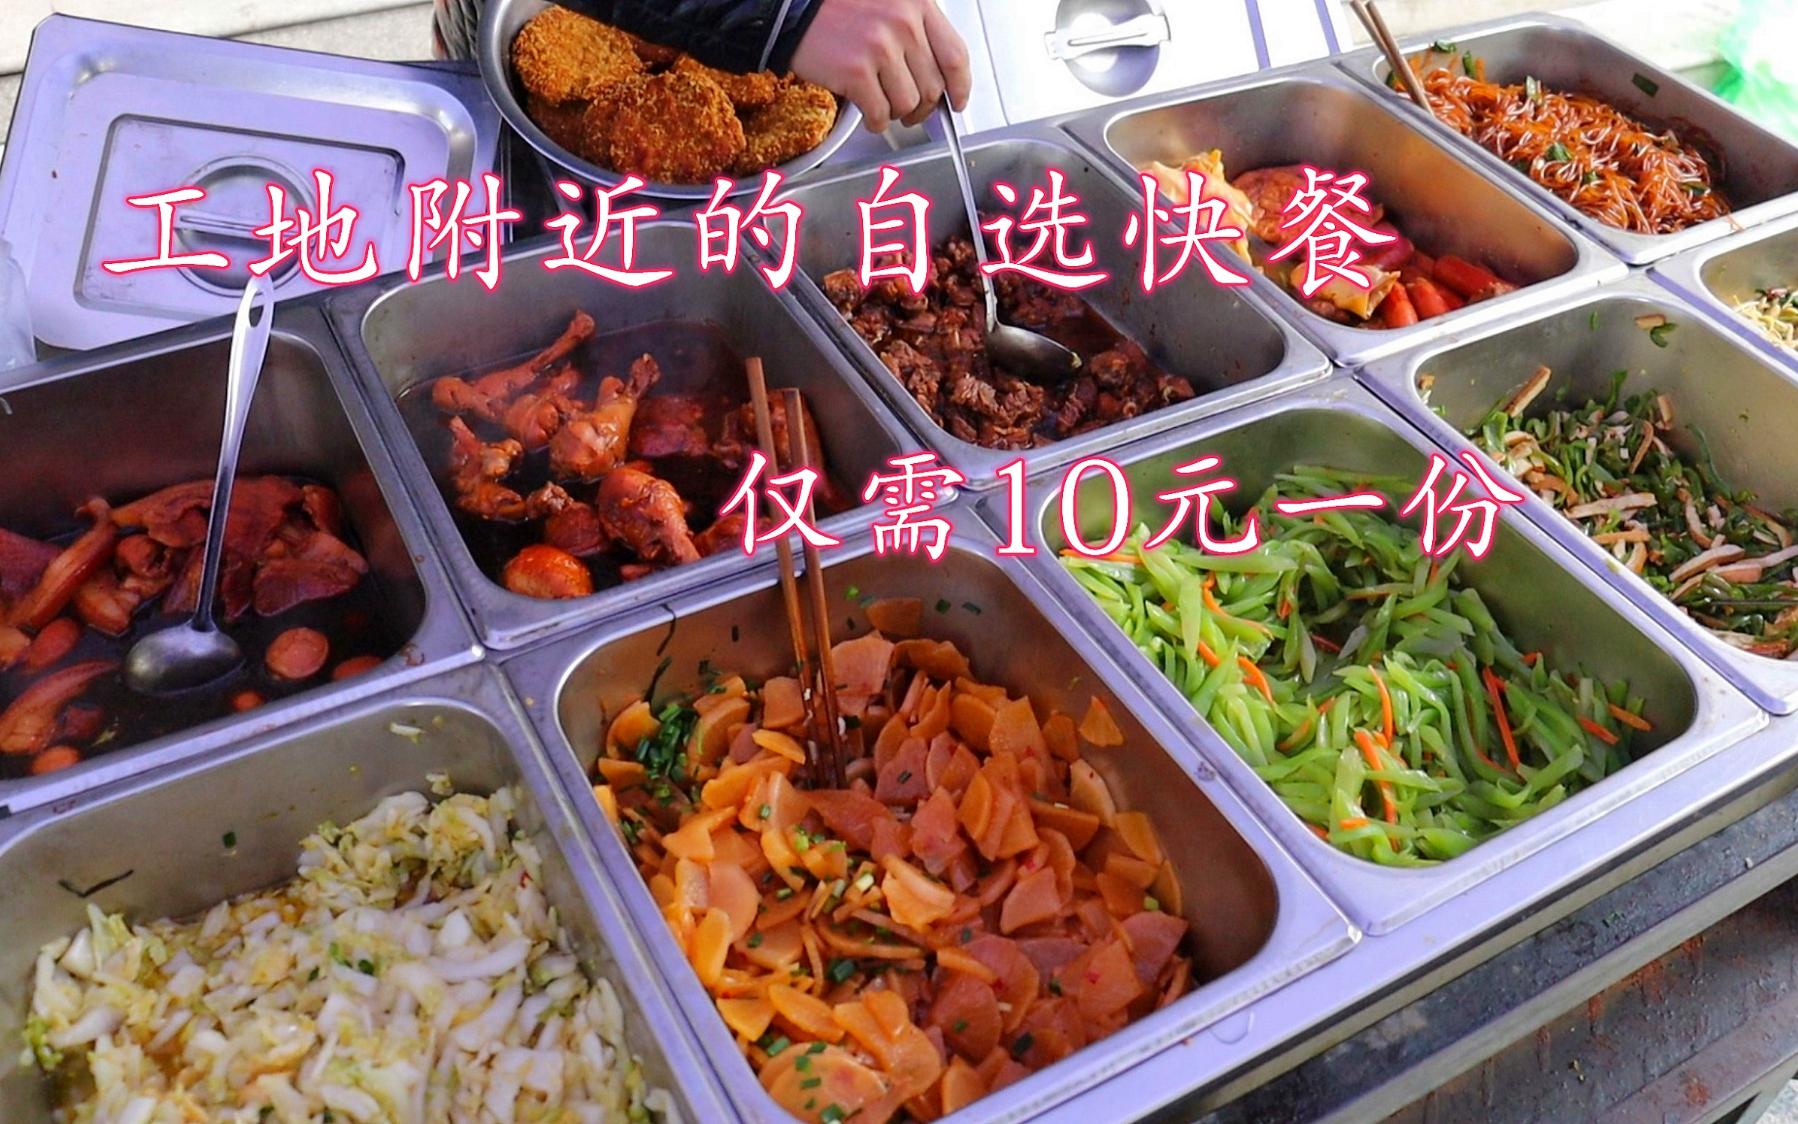 10元一份的工地自选快餐,素菜随便打米饭任意添,老板在此经营了8年!